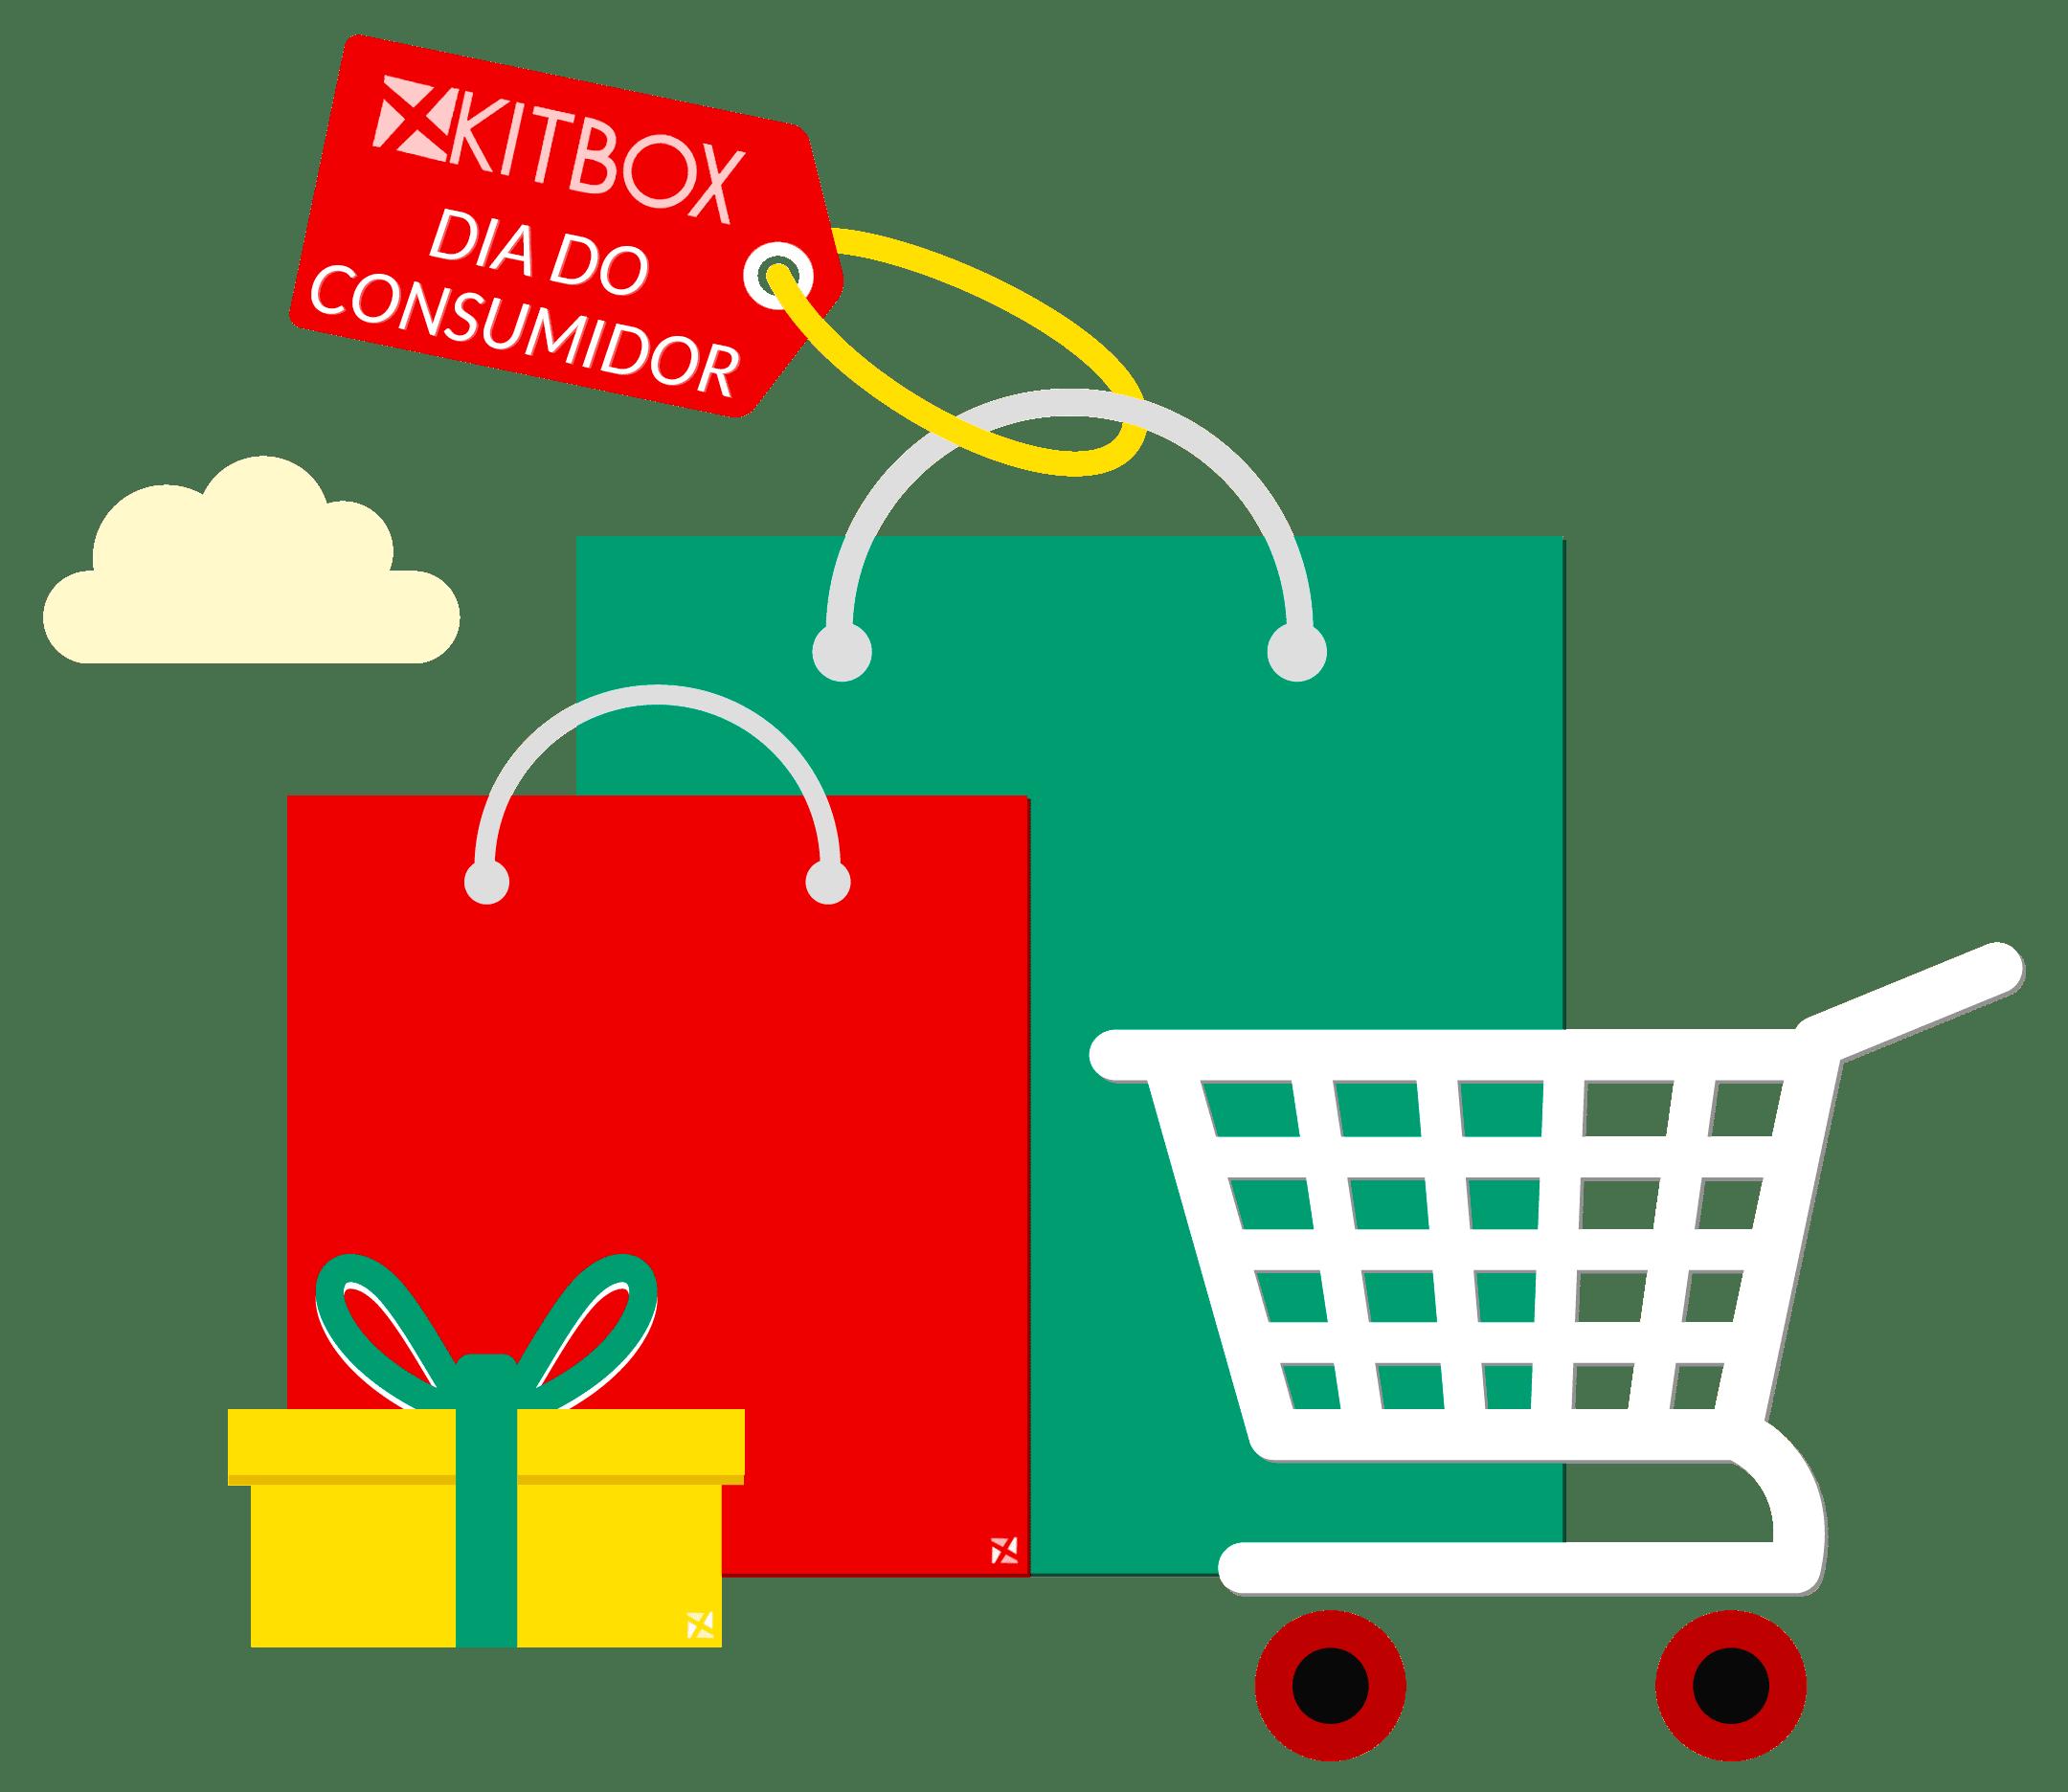 Ofertas do Dia do Consumidor 70% off